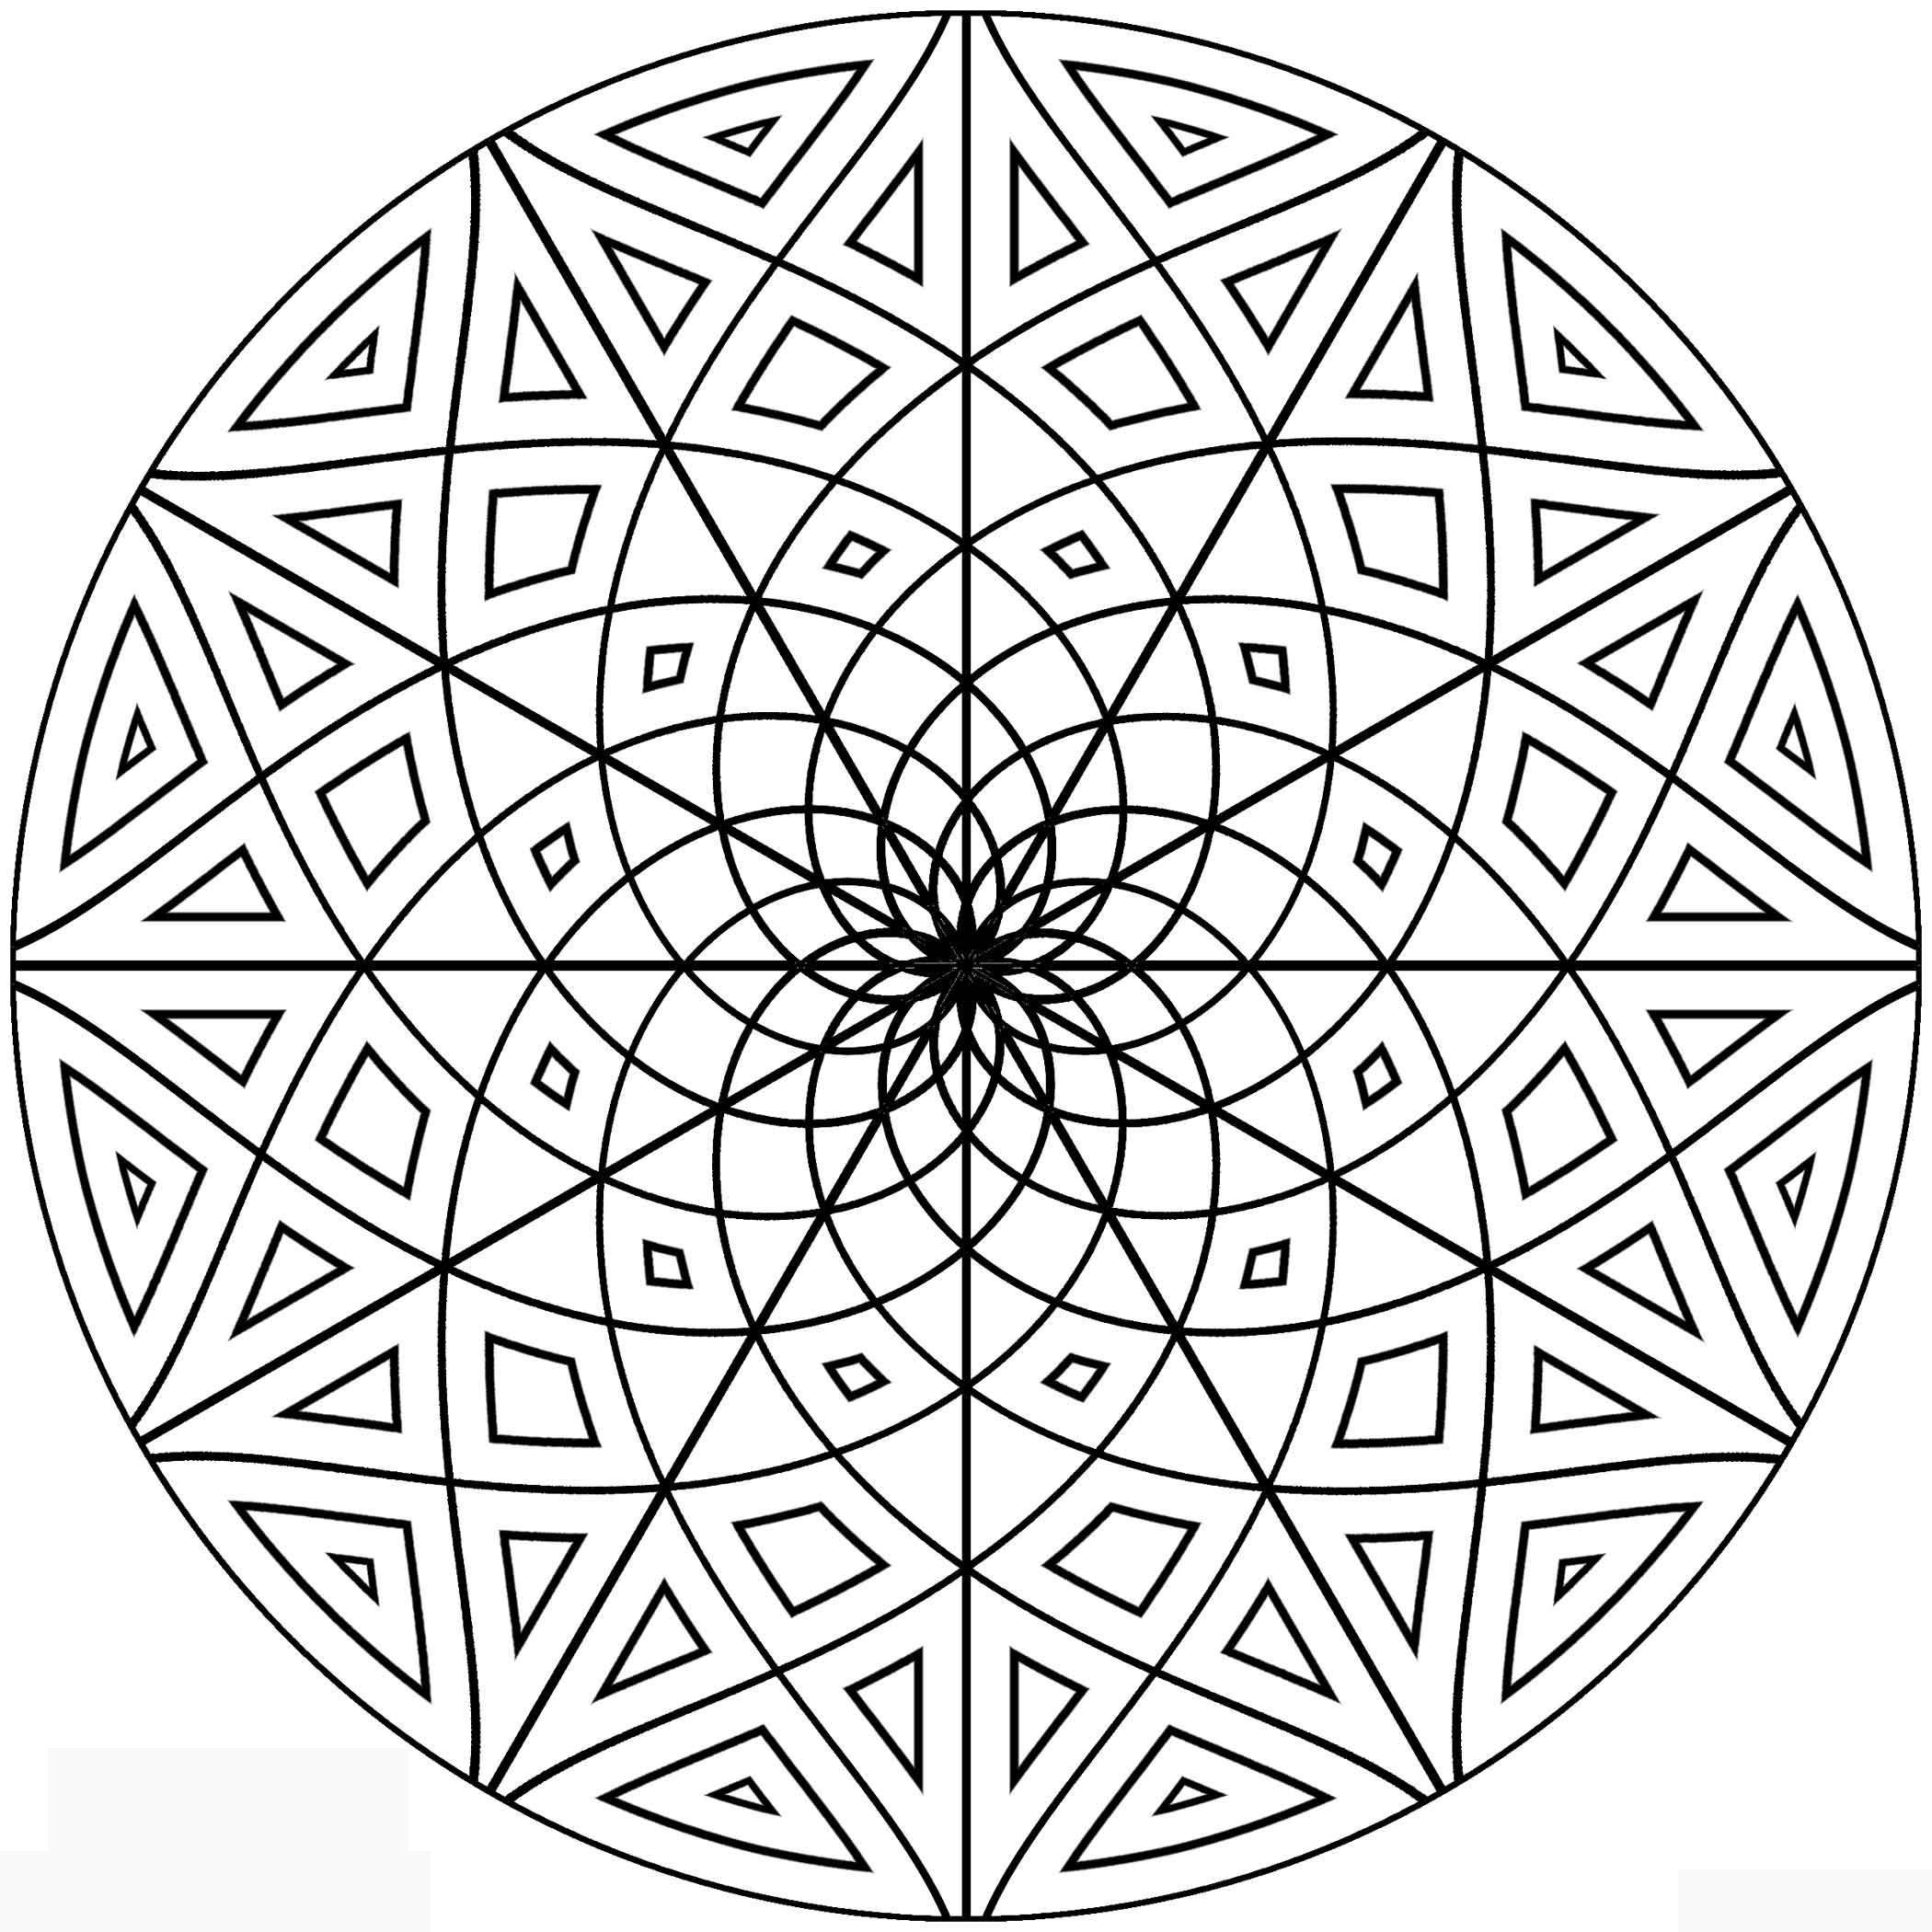 Узор круглой формы с цветком Раскраски с цветами распечатать бесплатно